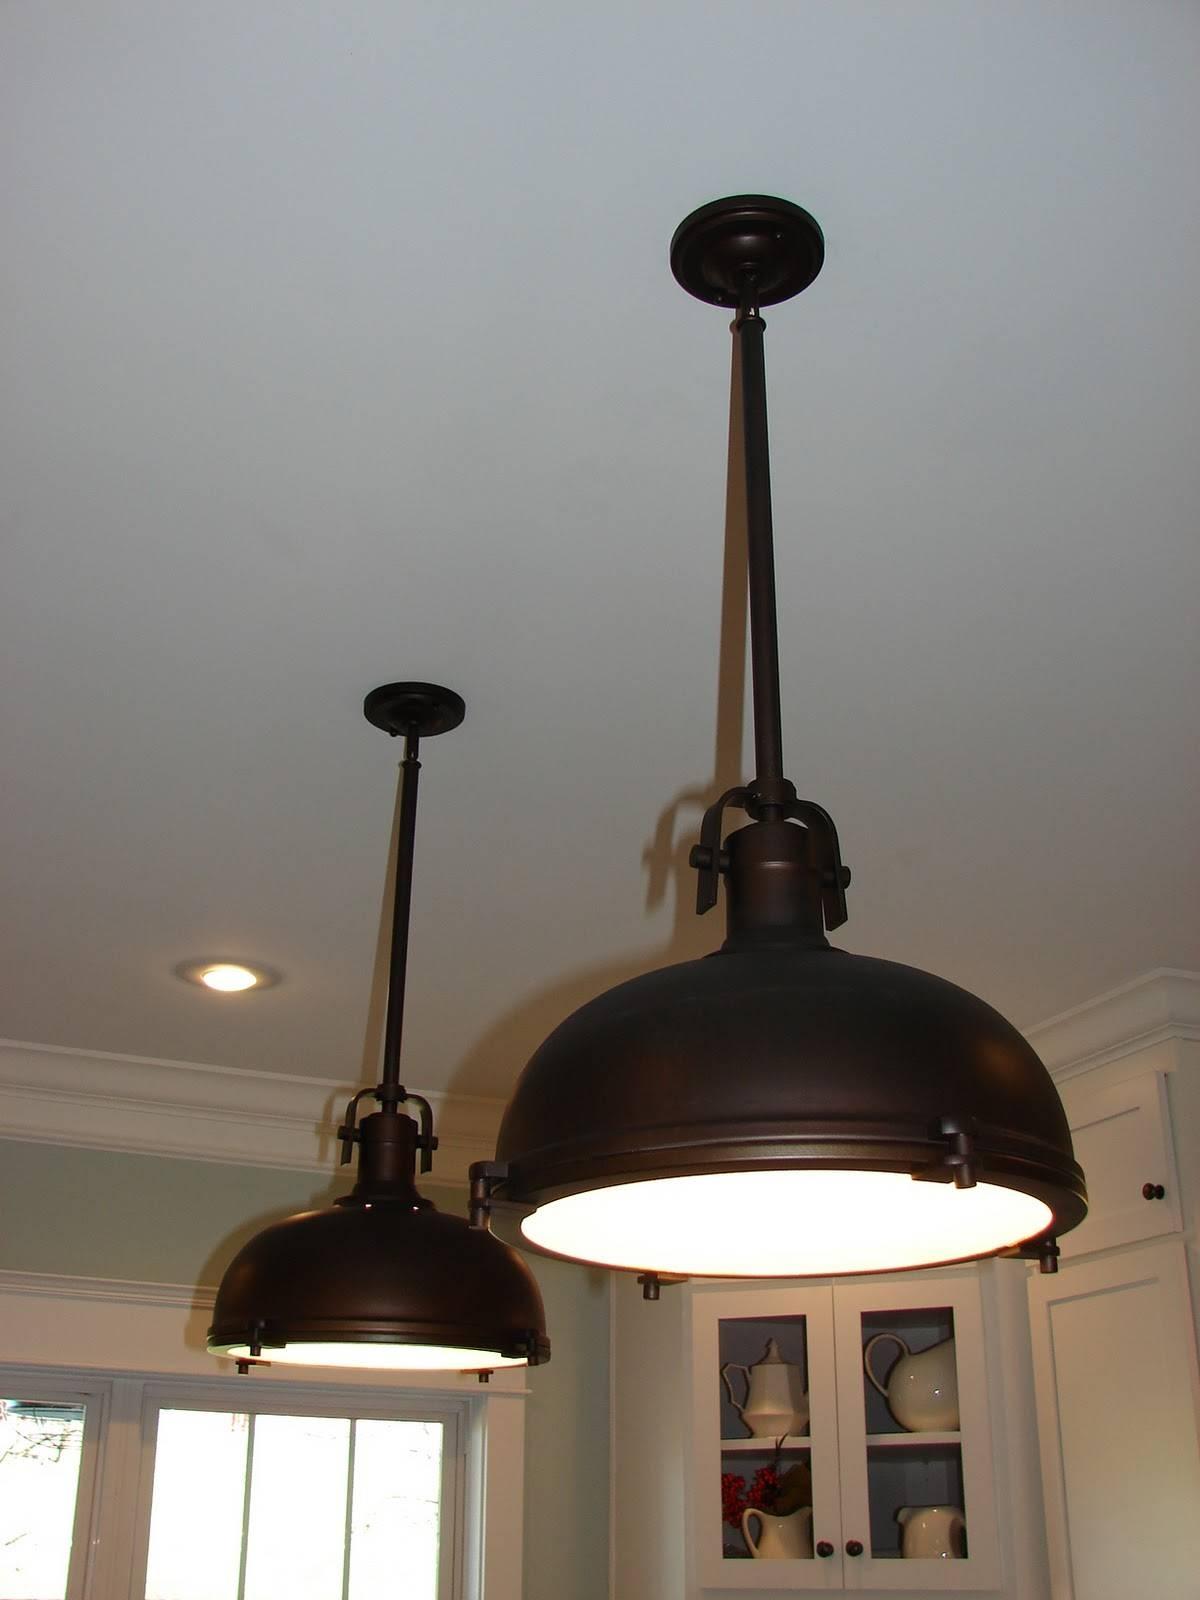 Industrial Pendant Light Fixtures - Baby-Exit pertaining to Industrial Looking Lights Fixtures (Image 7 of 15)